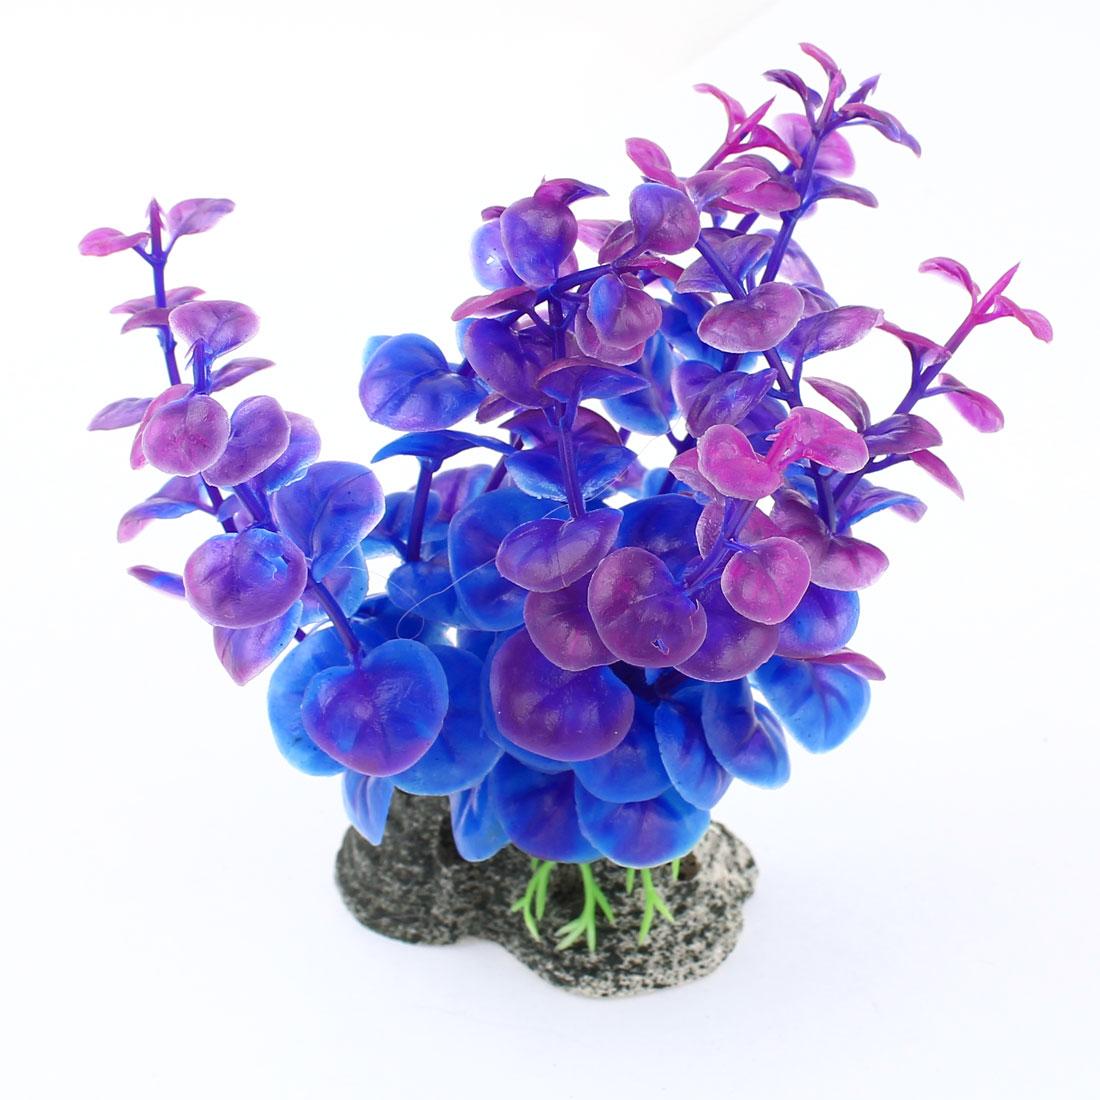 Aquarium Purple Plastic Artificial Grass Plant Decoration 12cm Height